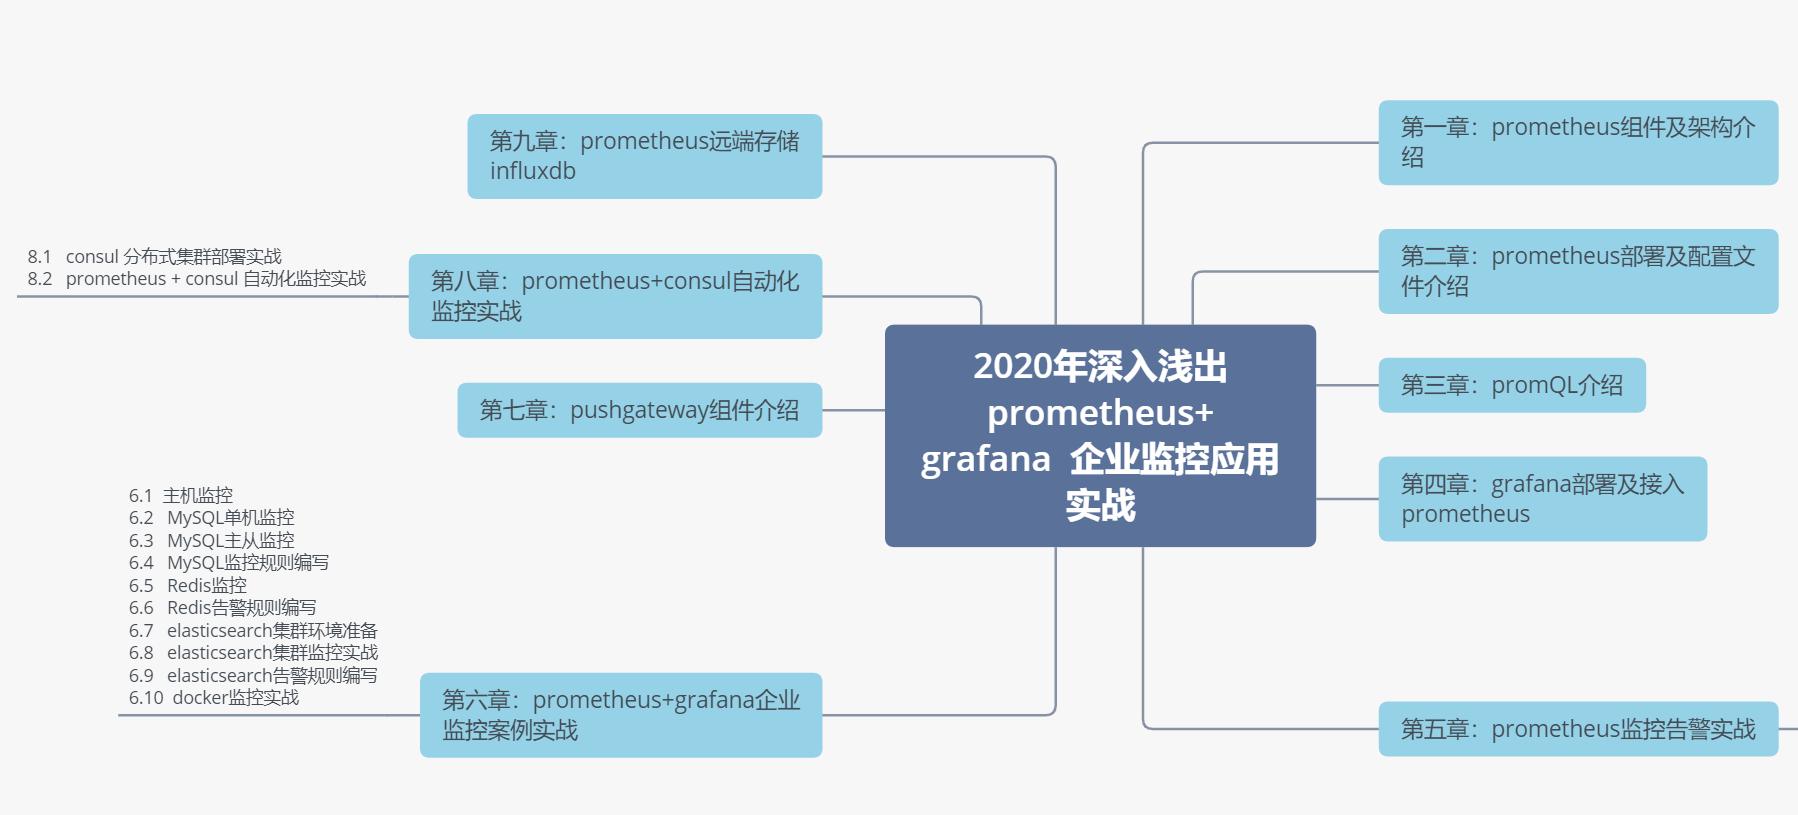 深入浅出prometheus+grafana 企业监控应用实战